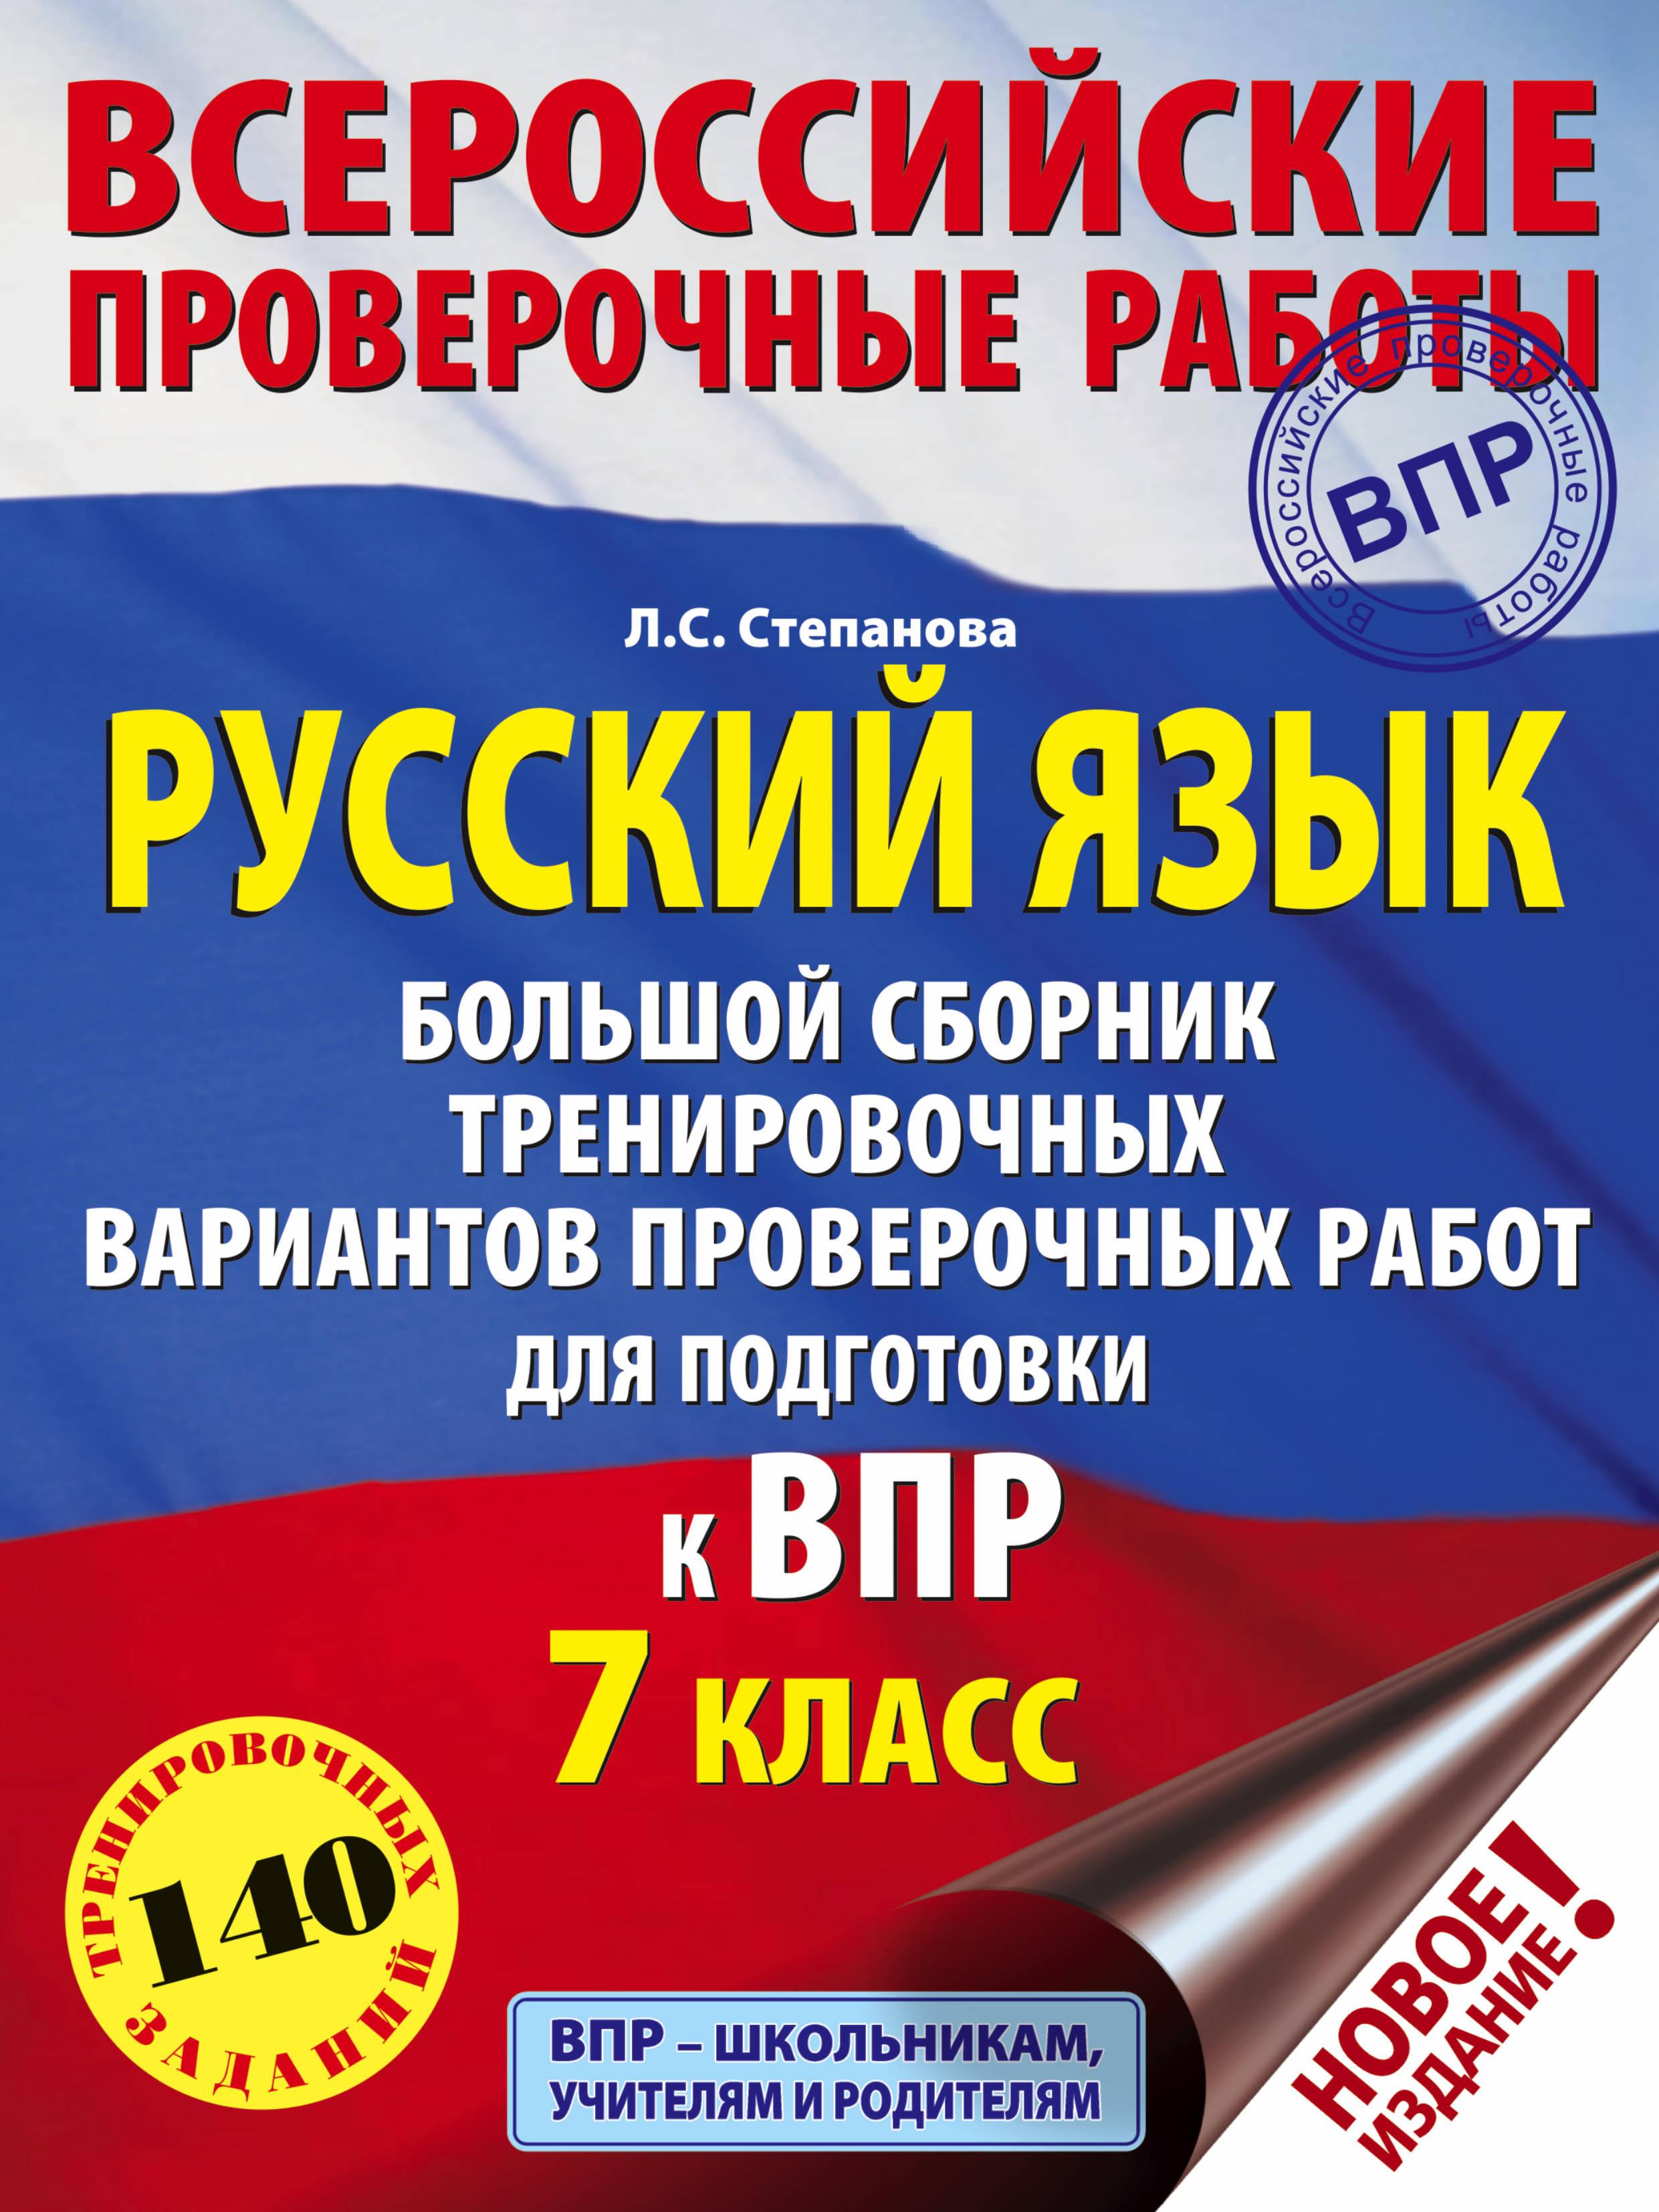 Russkij jazyk. Bolshoj sbornik trenirovochnykh variantov proverochnykh rabot dlja podgotovki k VPR. 7 klass